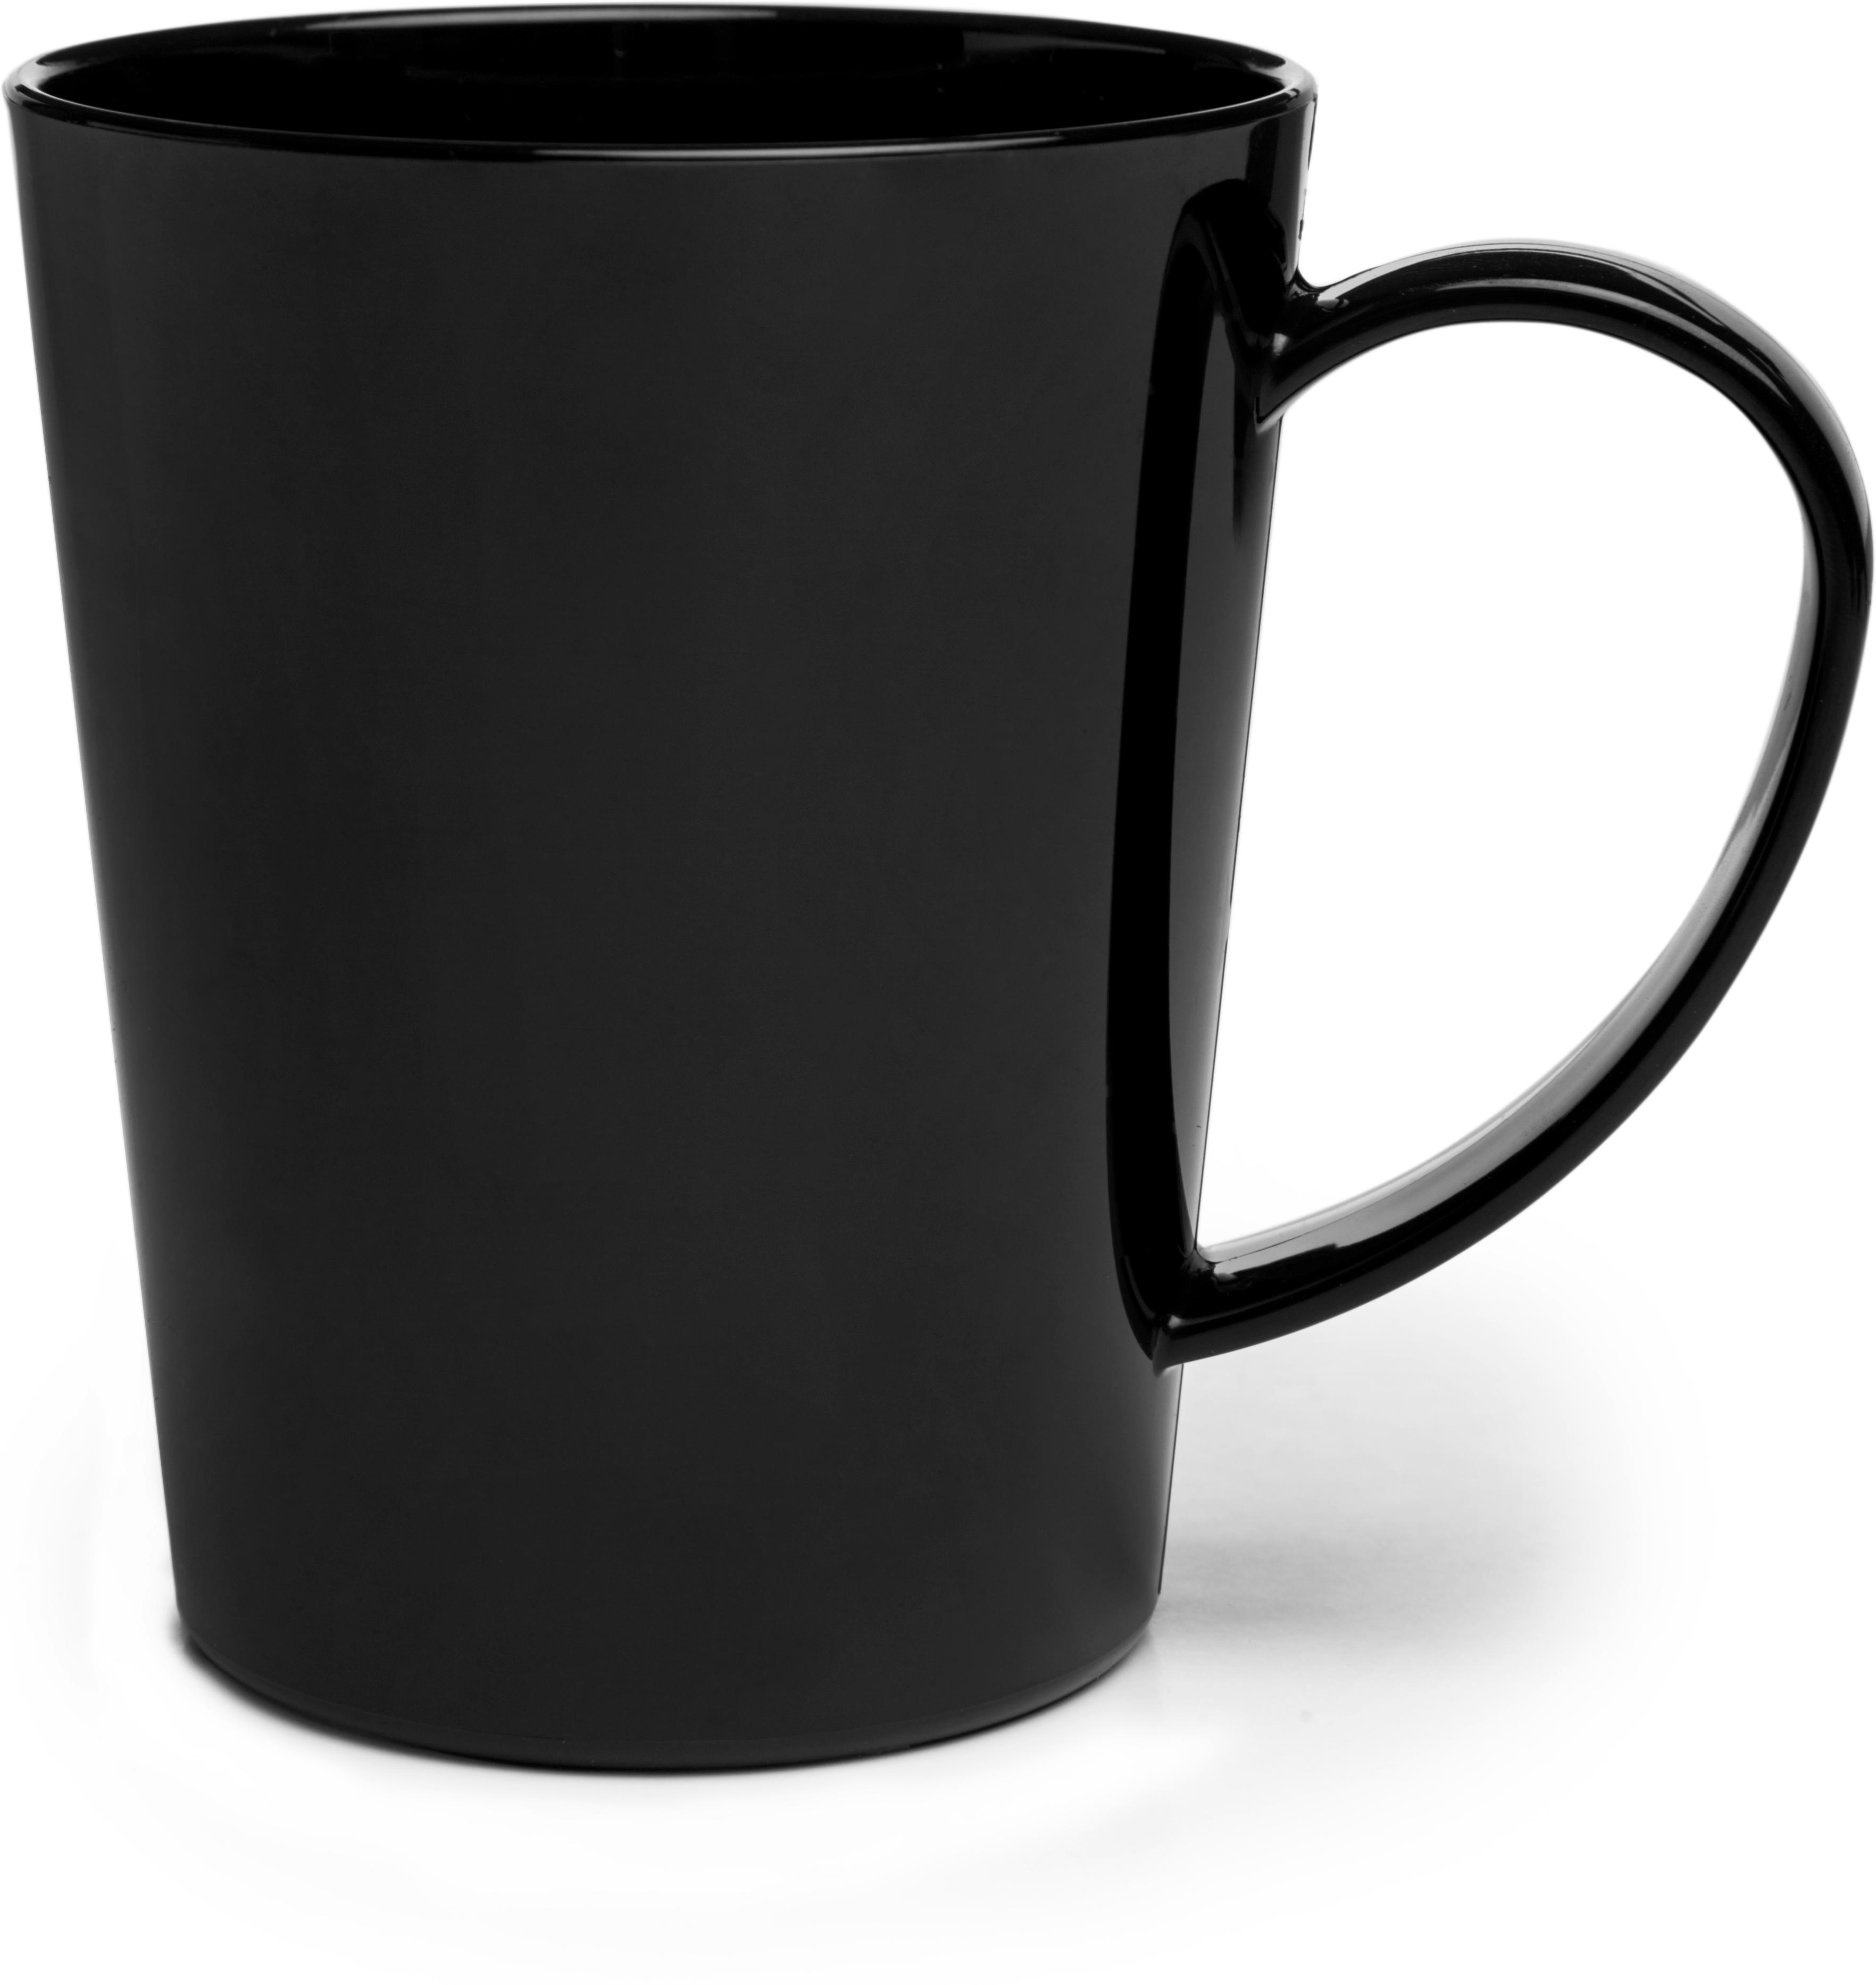 Carlisle Mug 12 oz - Black